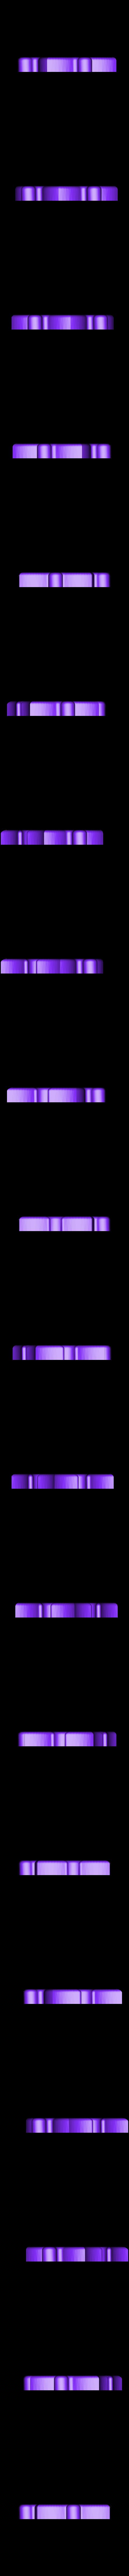 Cell_Puzzle.STL Télécharger fichier STL gratuit Échecs démoctratiques • Modèle à imprimer en 3D, Ghashnarb